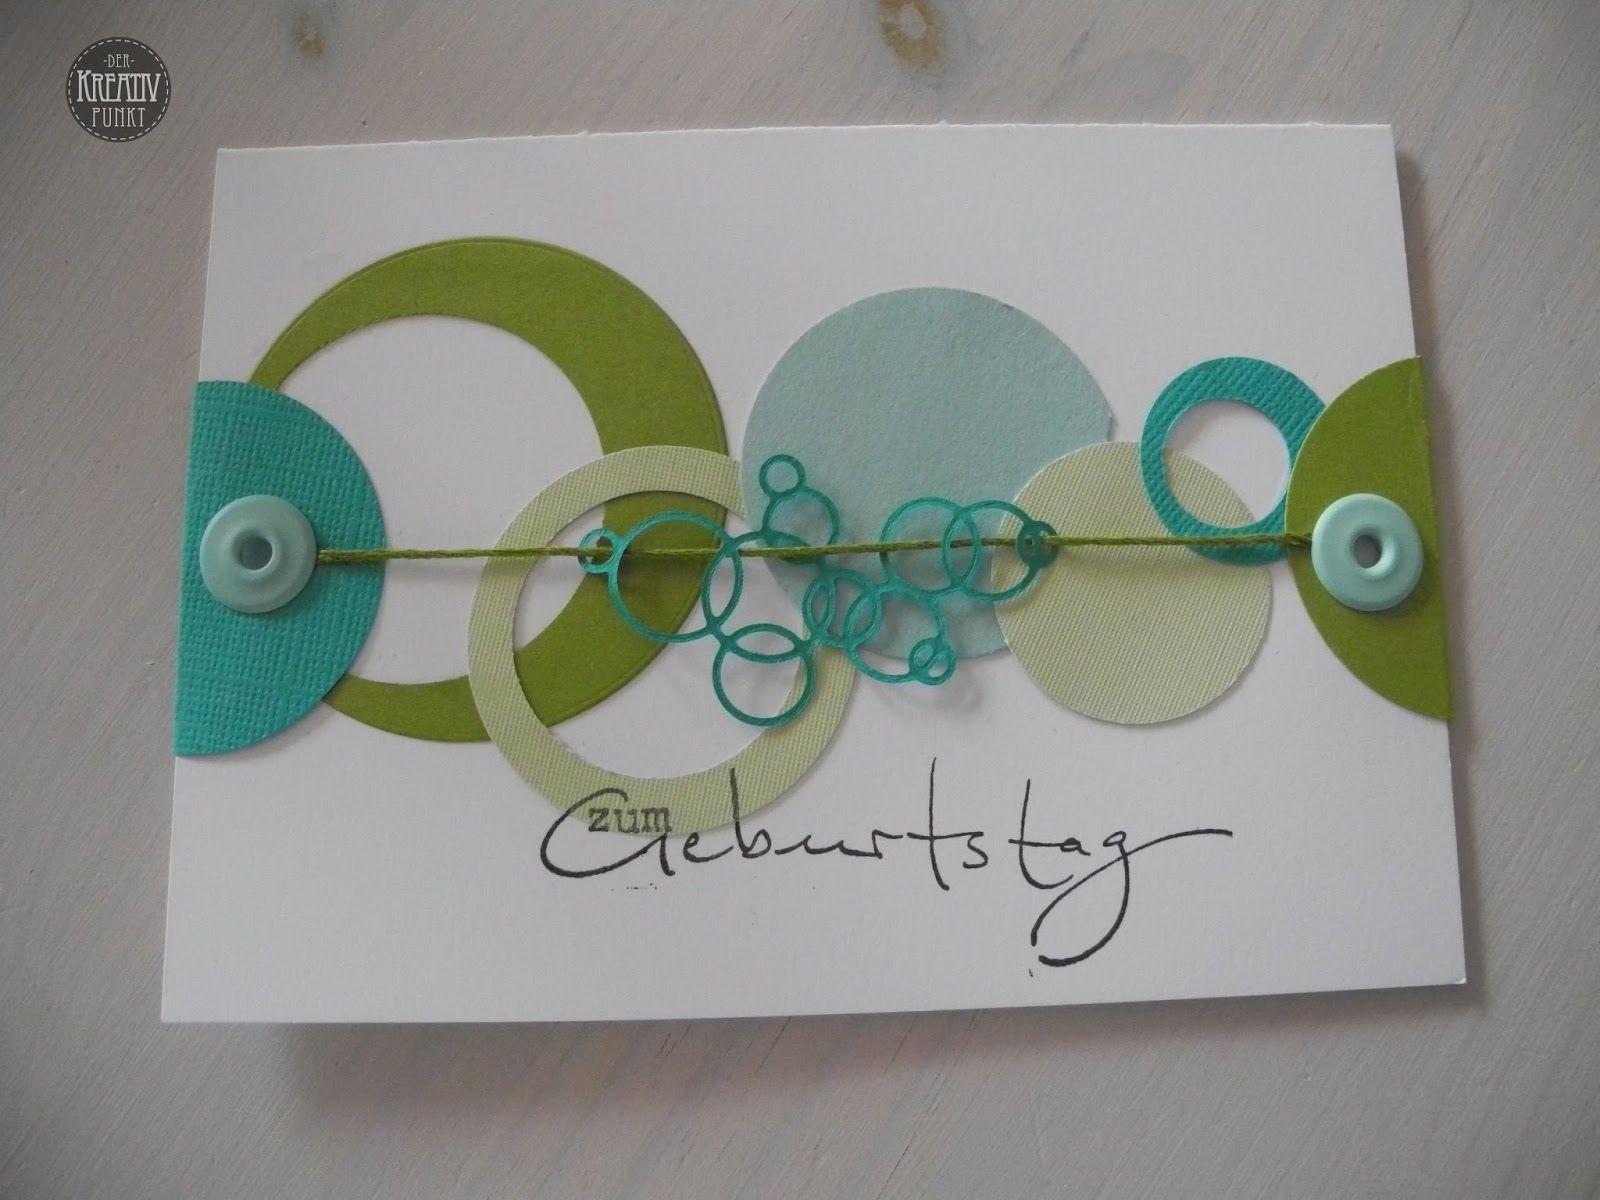 Ich Liebe Diese Farben Und Deshalb Hatte Ich Bestimmt Auch So Viele Kreise In Den Farben Auf M Karte Basteln Geburtstag Karten Basteln Abschied Karten Basteln